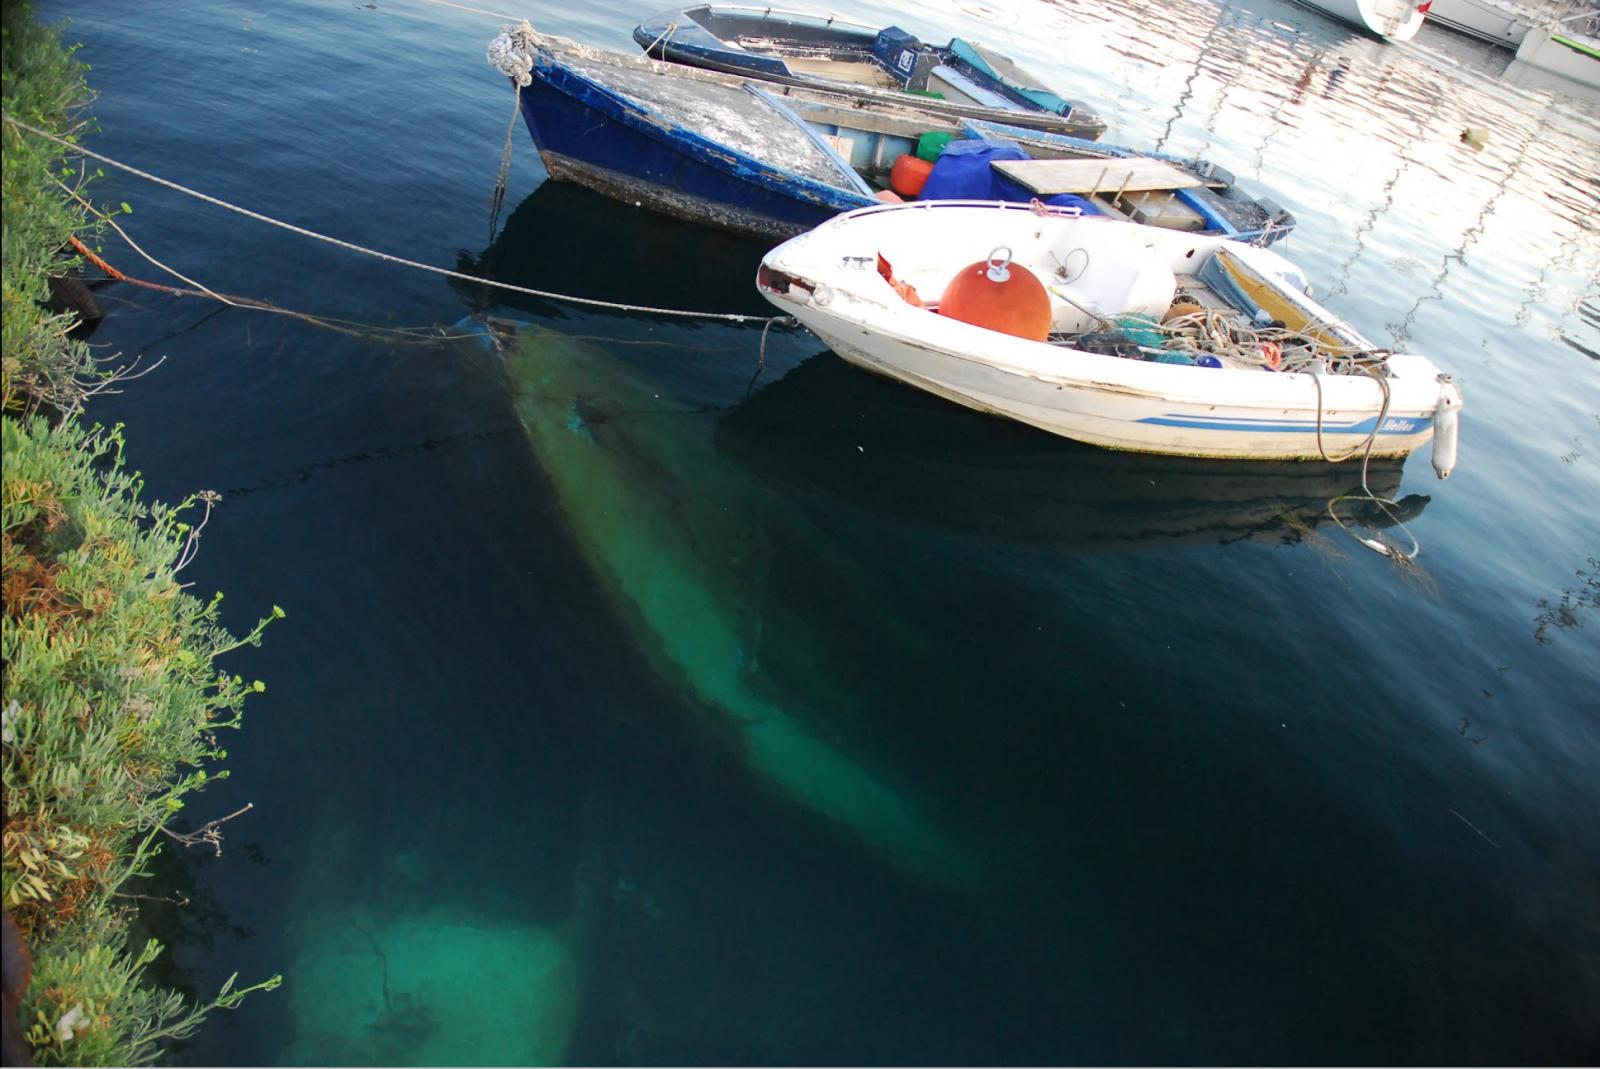 Italian Boat Disposal